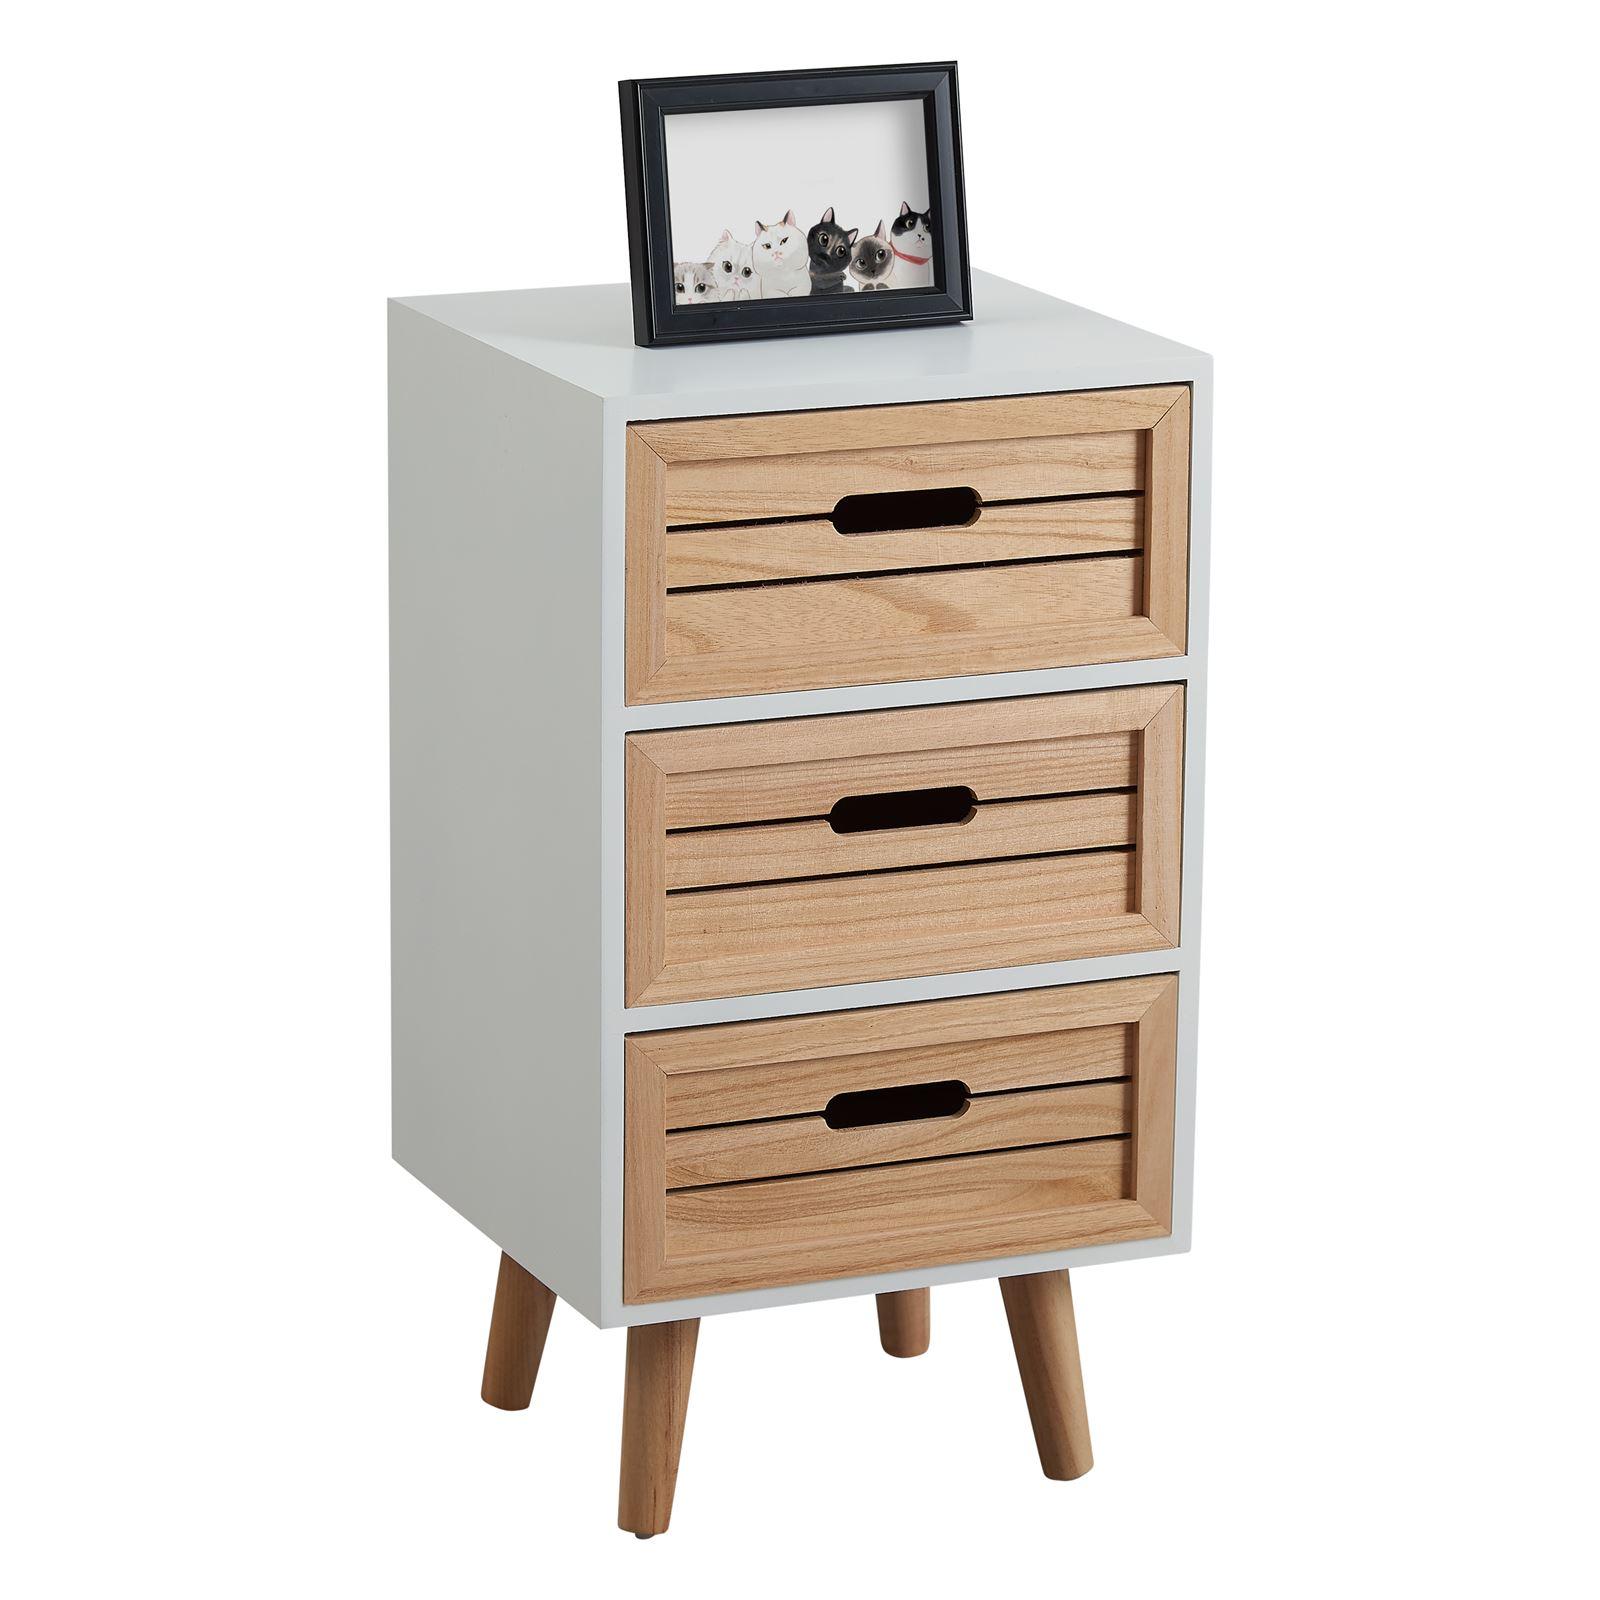 Table de chevet estoril 3 tiroirs blanc mobil meubles - Table de chevet classique ...